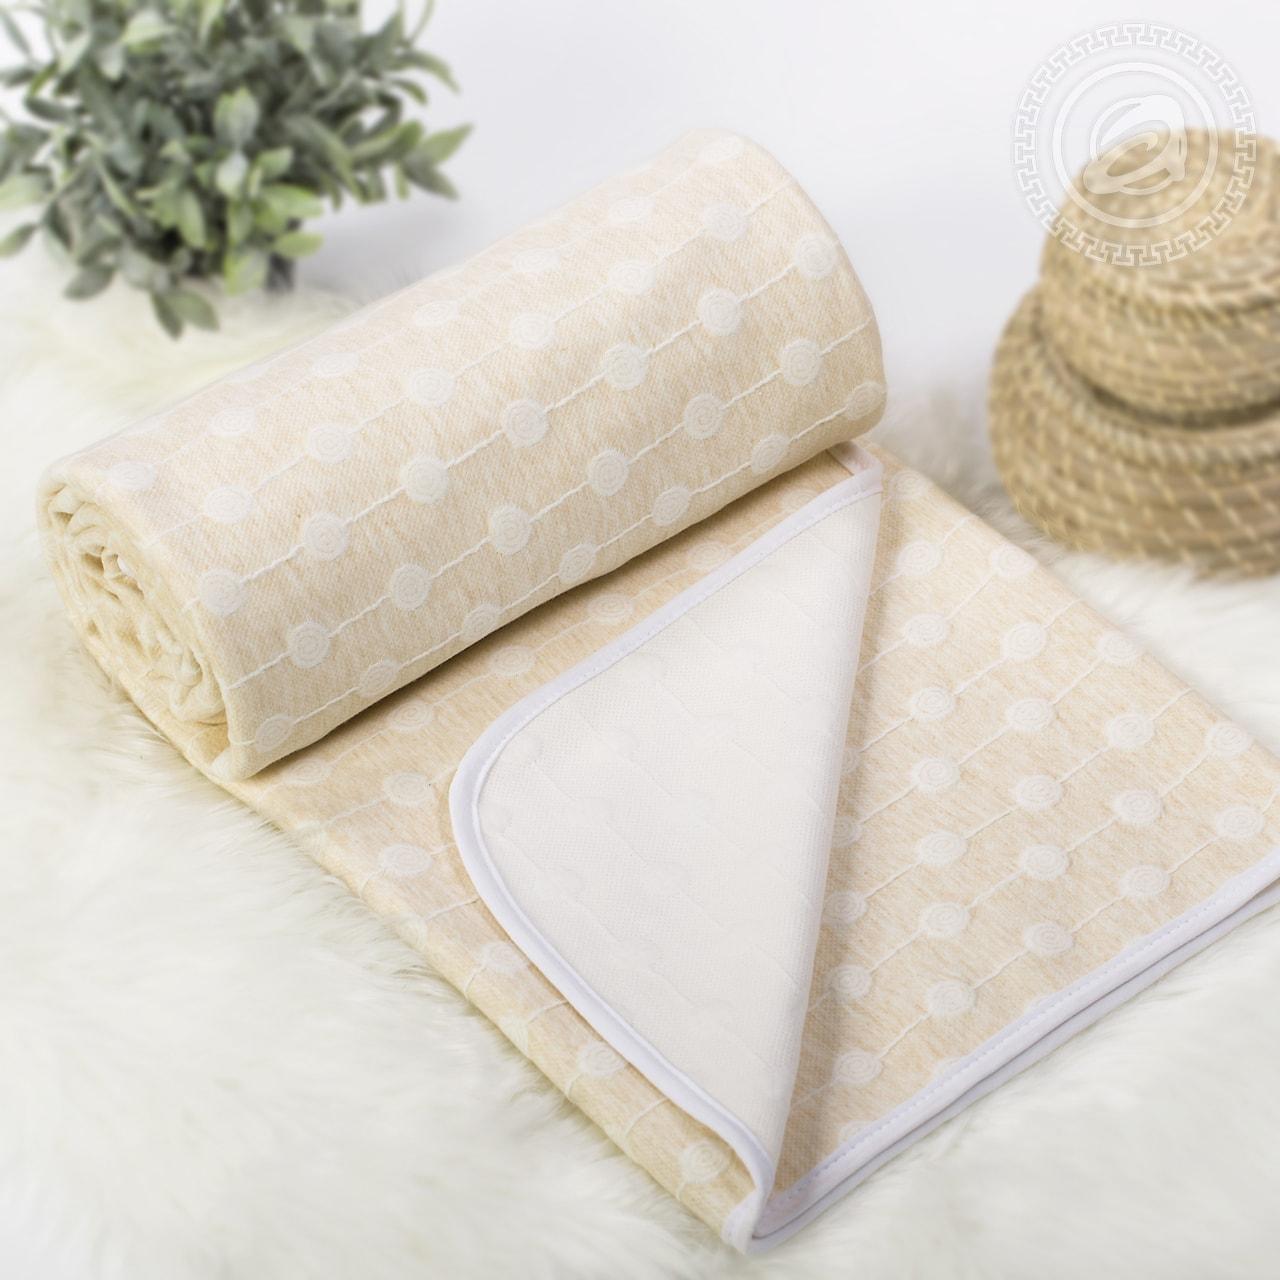 Покрывала, подушки, одеяла для малышей АРТПОСТЕЛЬка